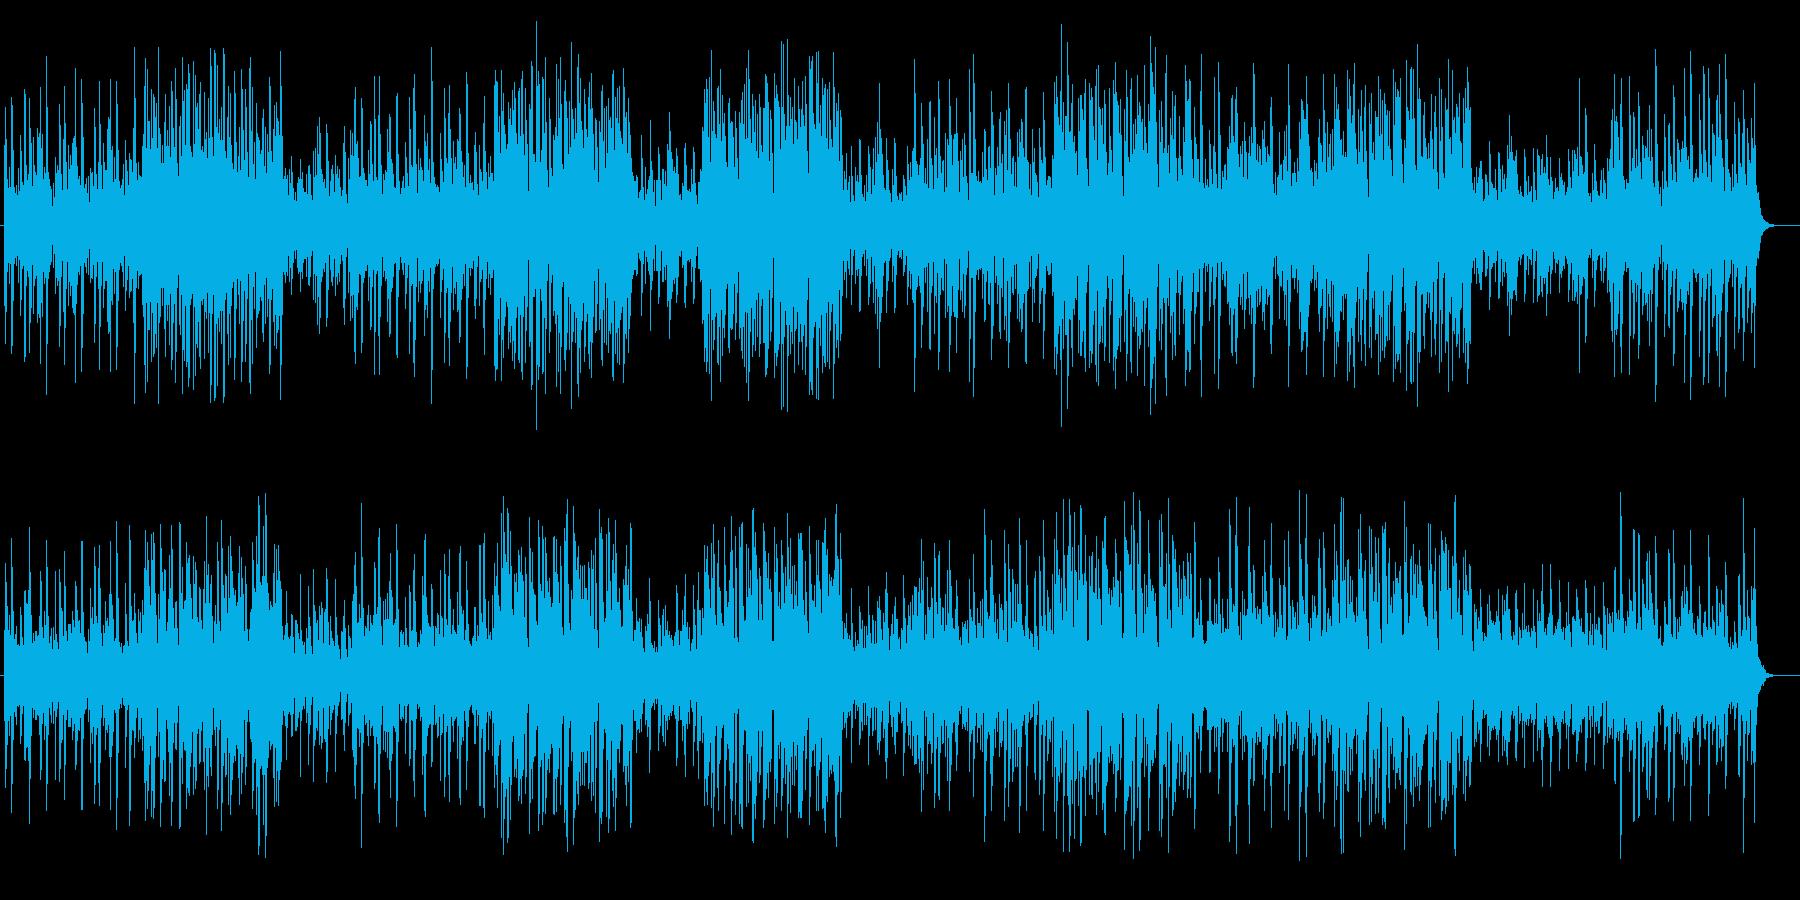 可愛らしい木琴のファンタジーポップの再生済みの波形